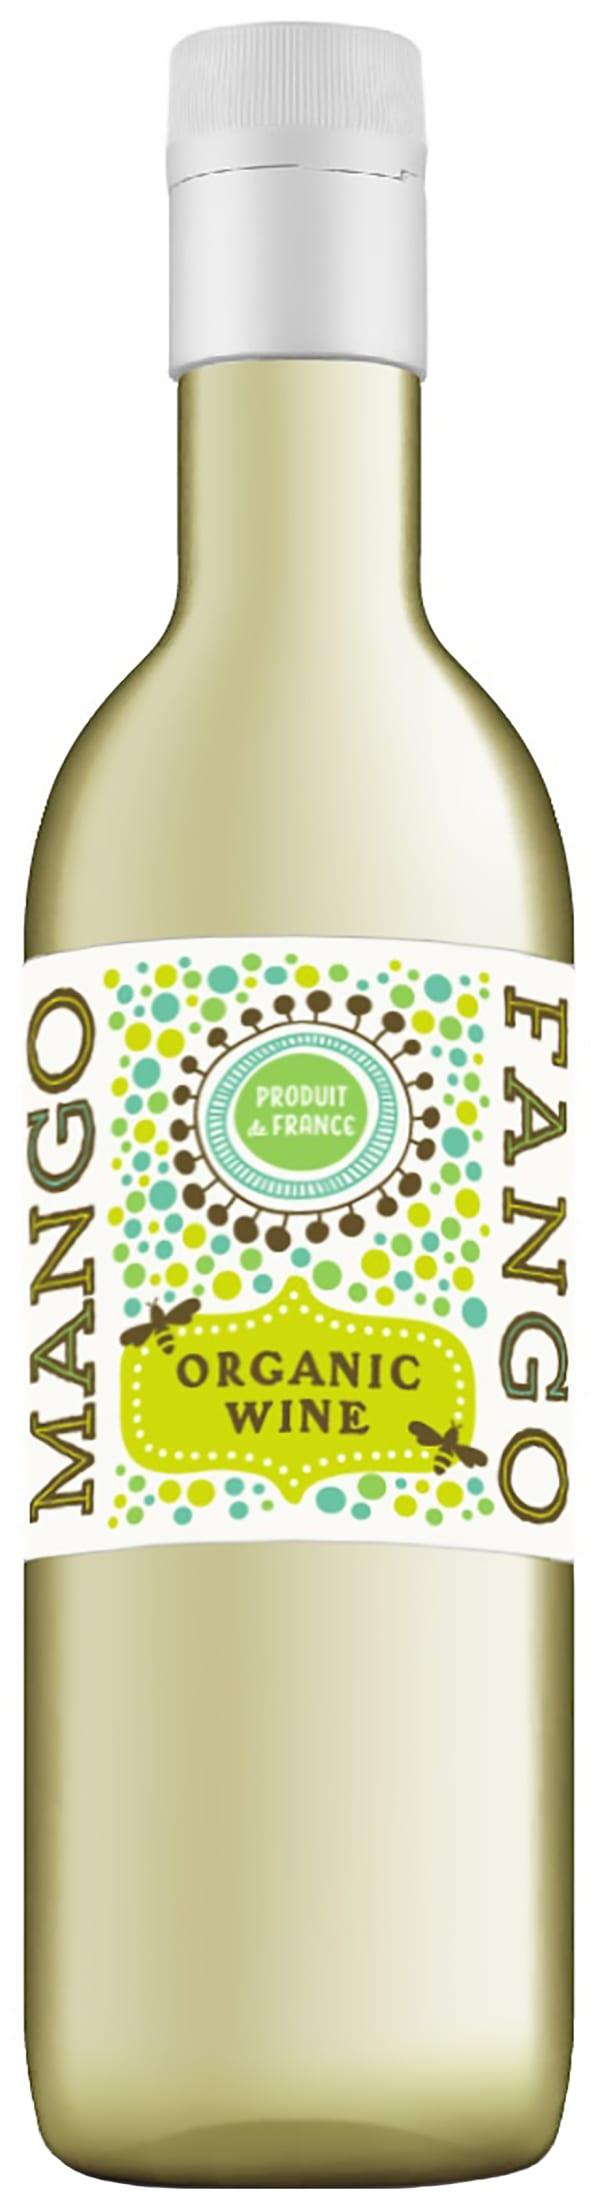 Mango Fango Chardonnay Organic 2016 plastflaska